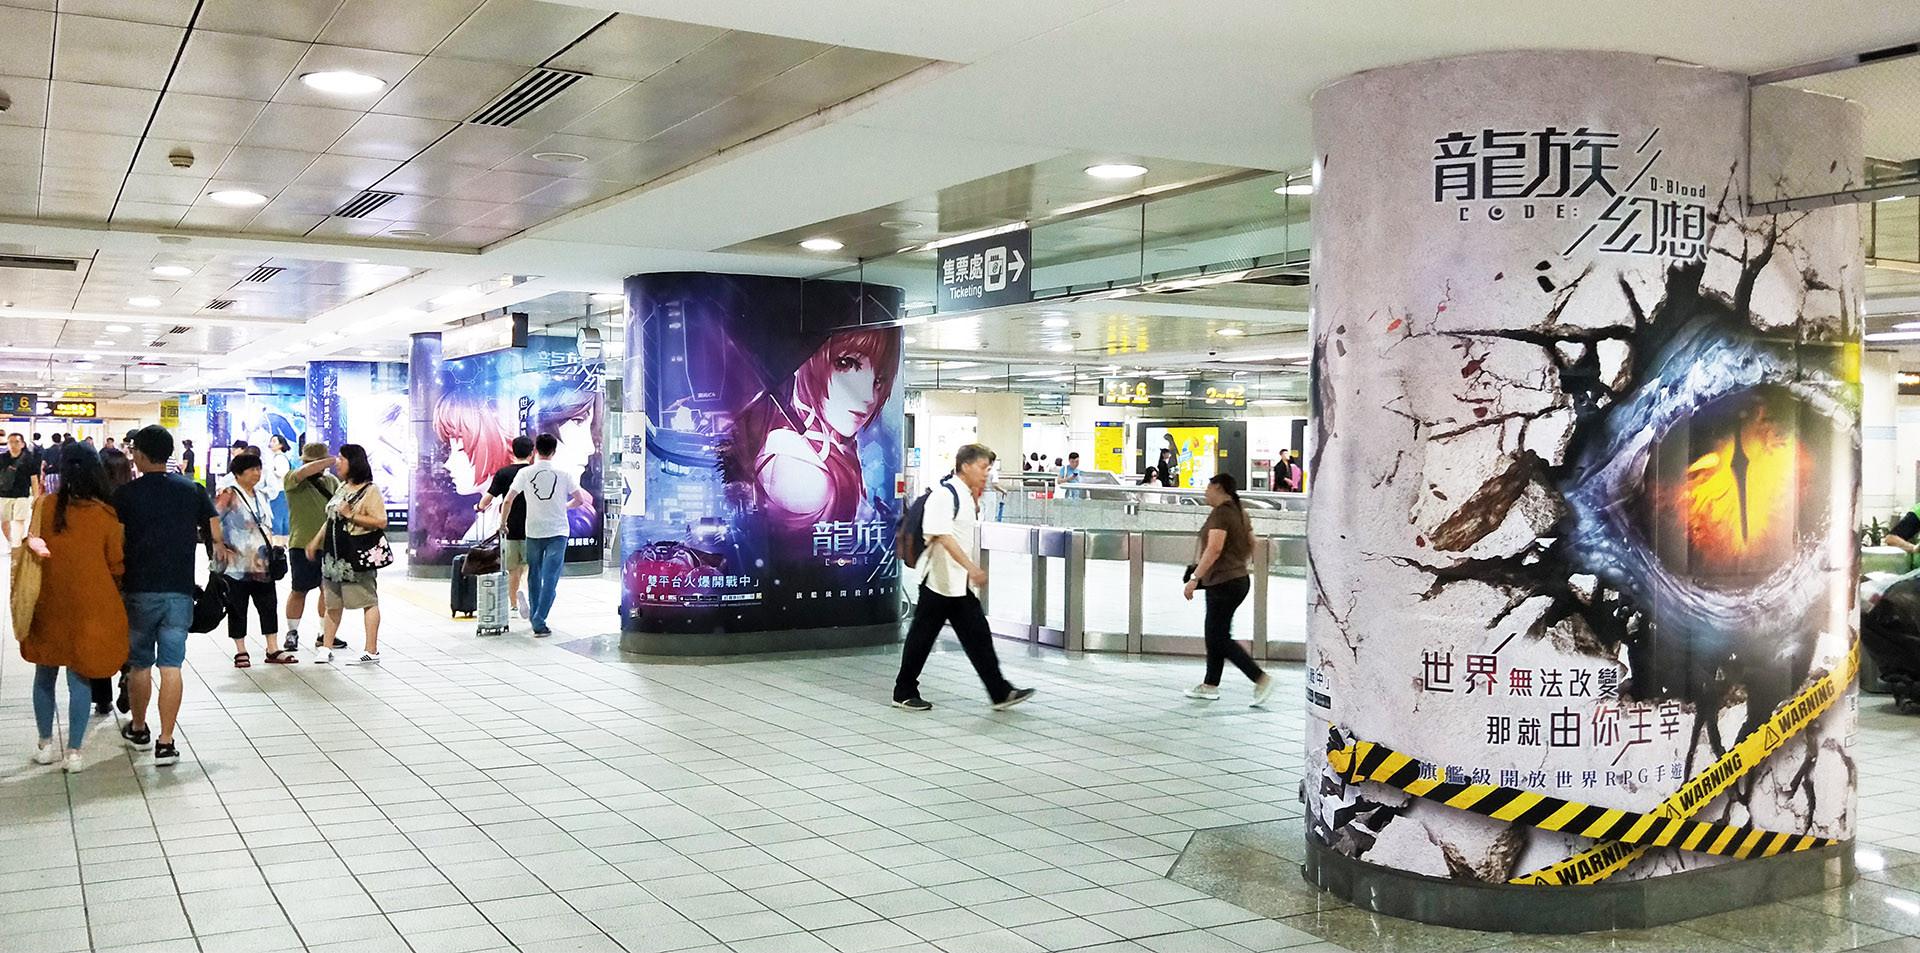 台北捷運廣告刊登  西門站 龍族幻想